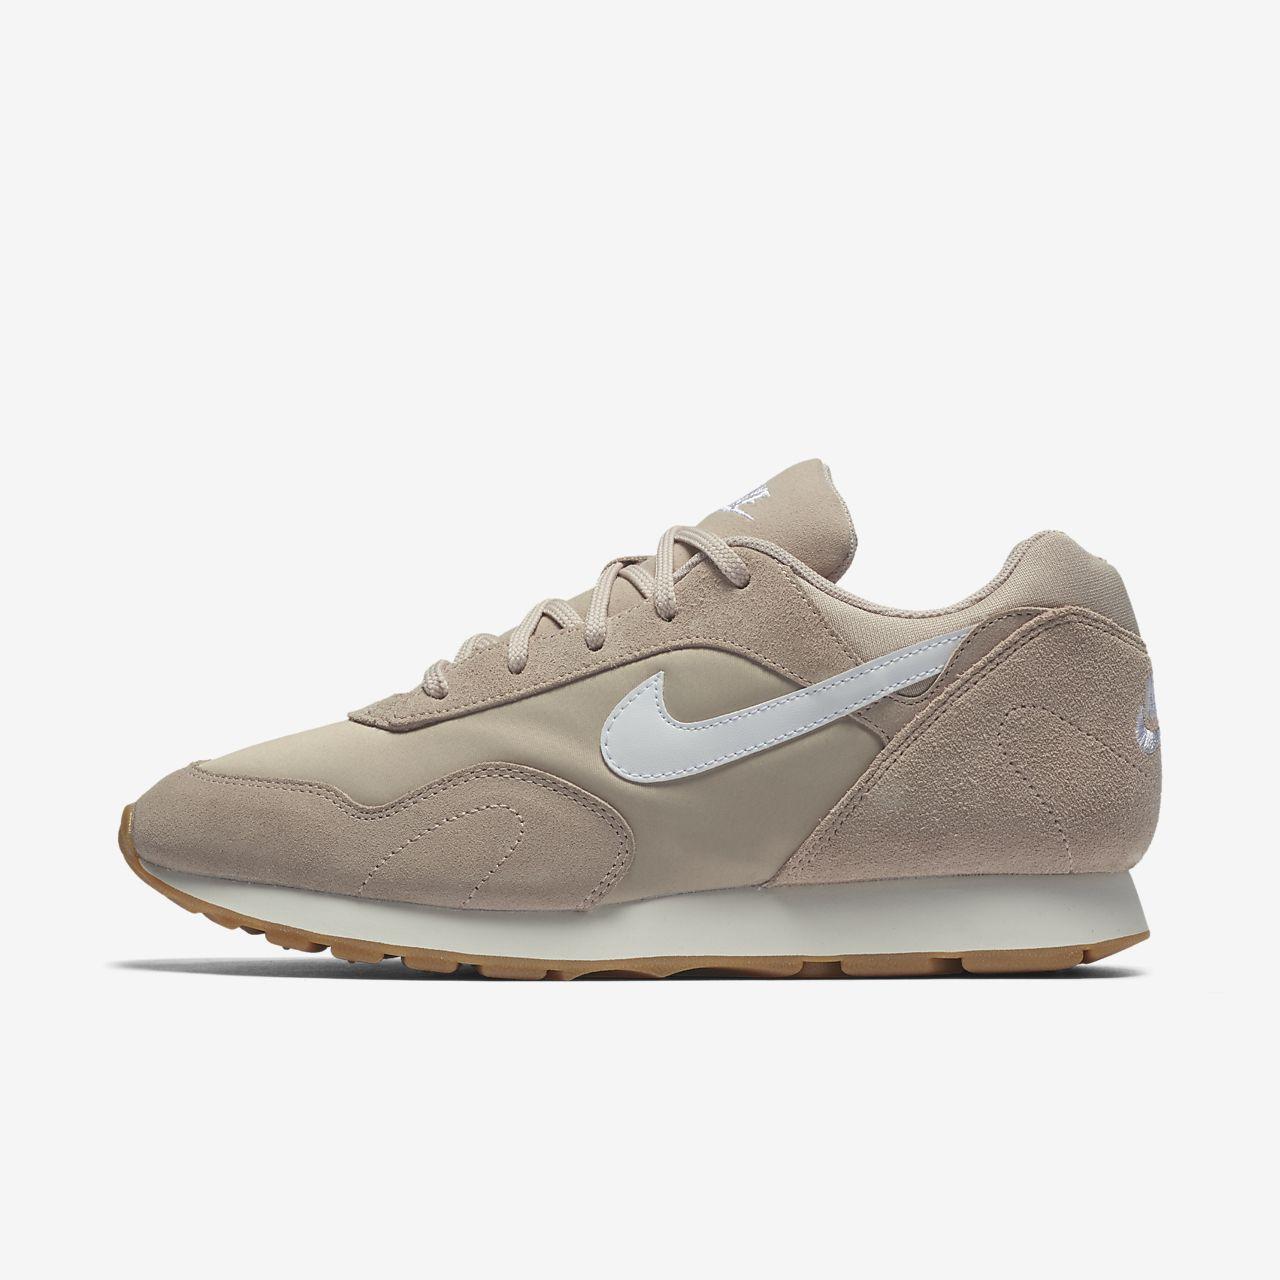 Sko Nike Outburst för kvinnor